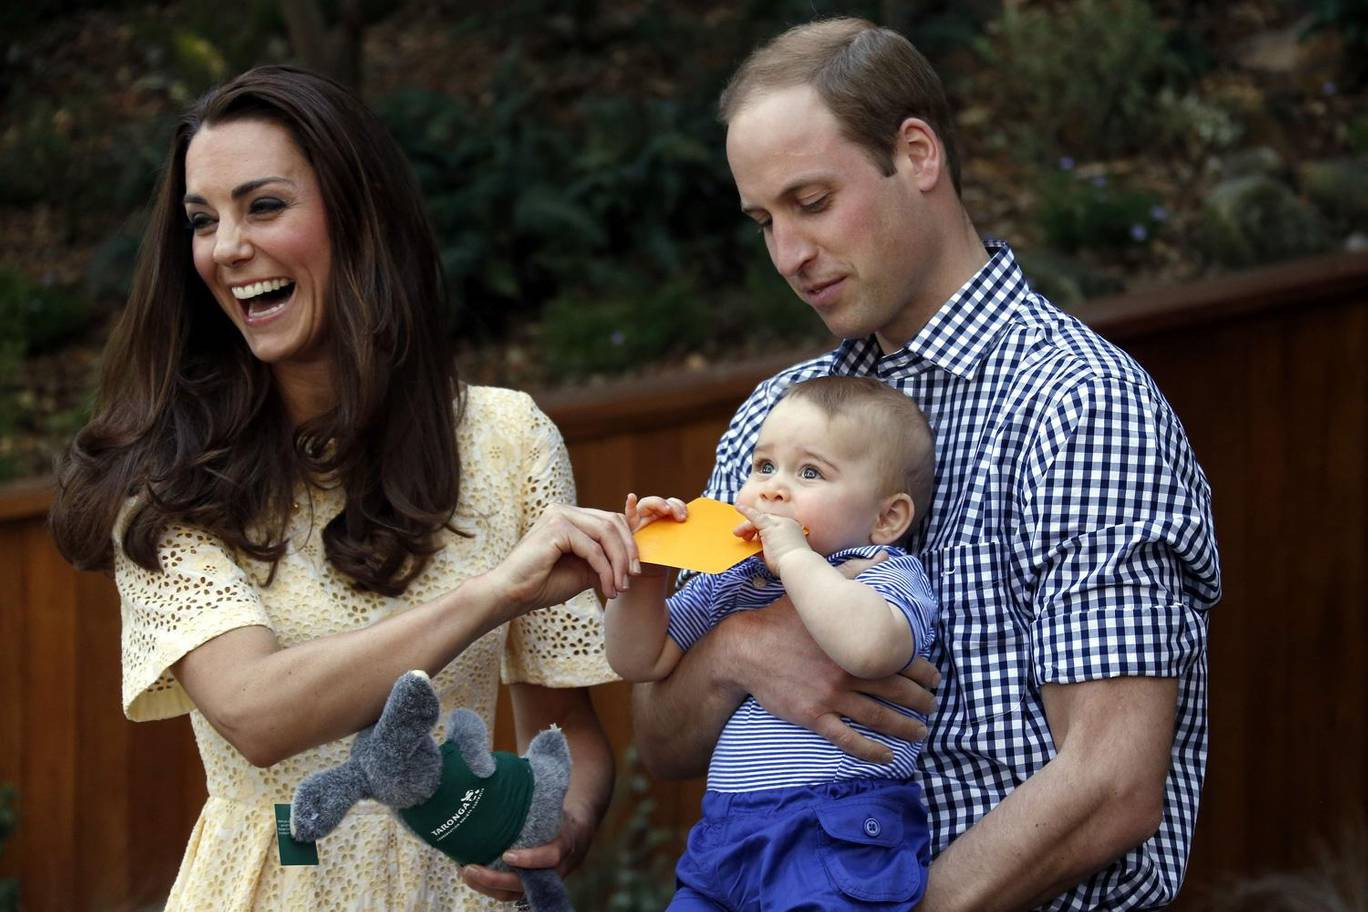 Hơn 40 bức ảnh ghi lại những khoảnh khắc cực đáng yêu cho thấy hành trình lớn lên của Hoàng tử George trong 5 năm đầu đời - Ảnh 5.